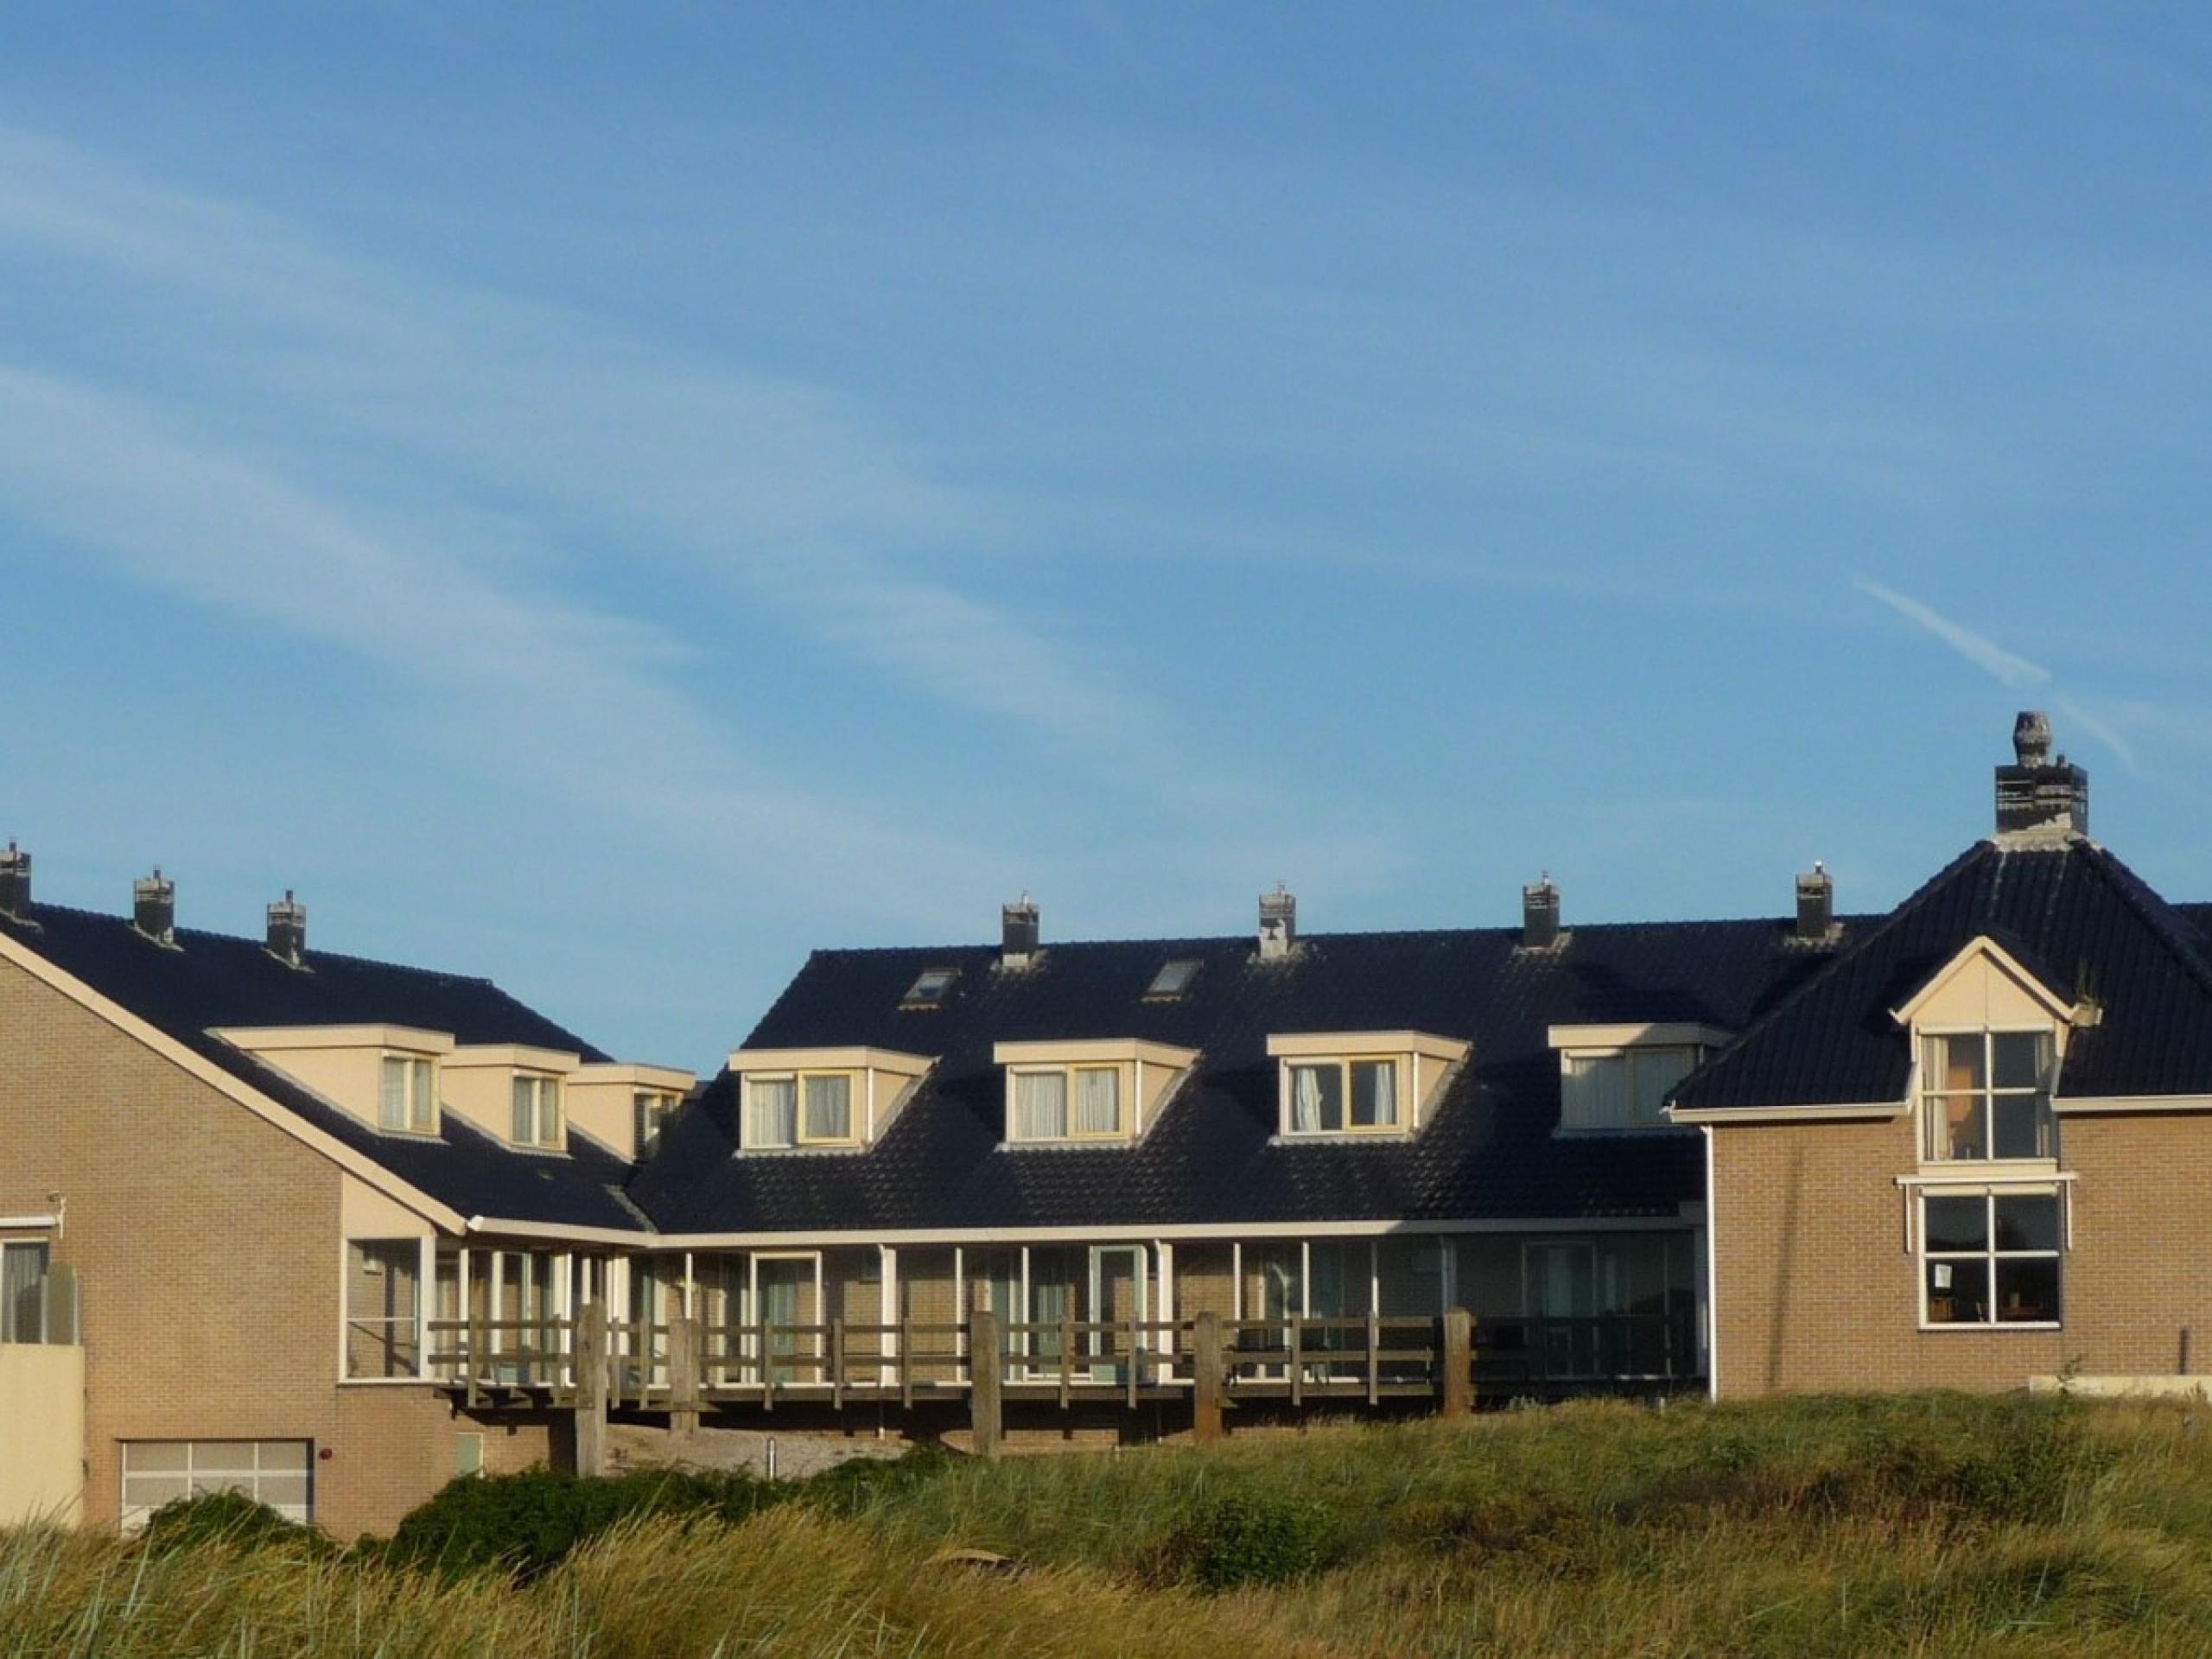 Luxus-Appartment in De Koog am Nordseestrand mit herrlichem Blick